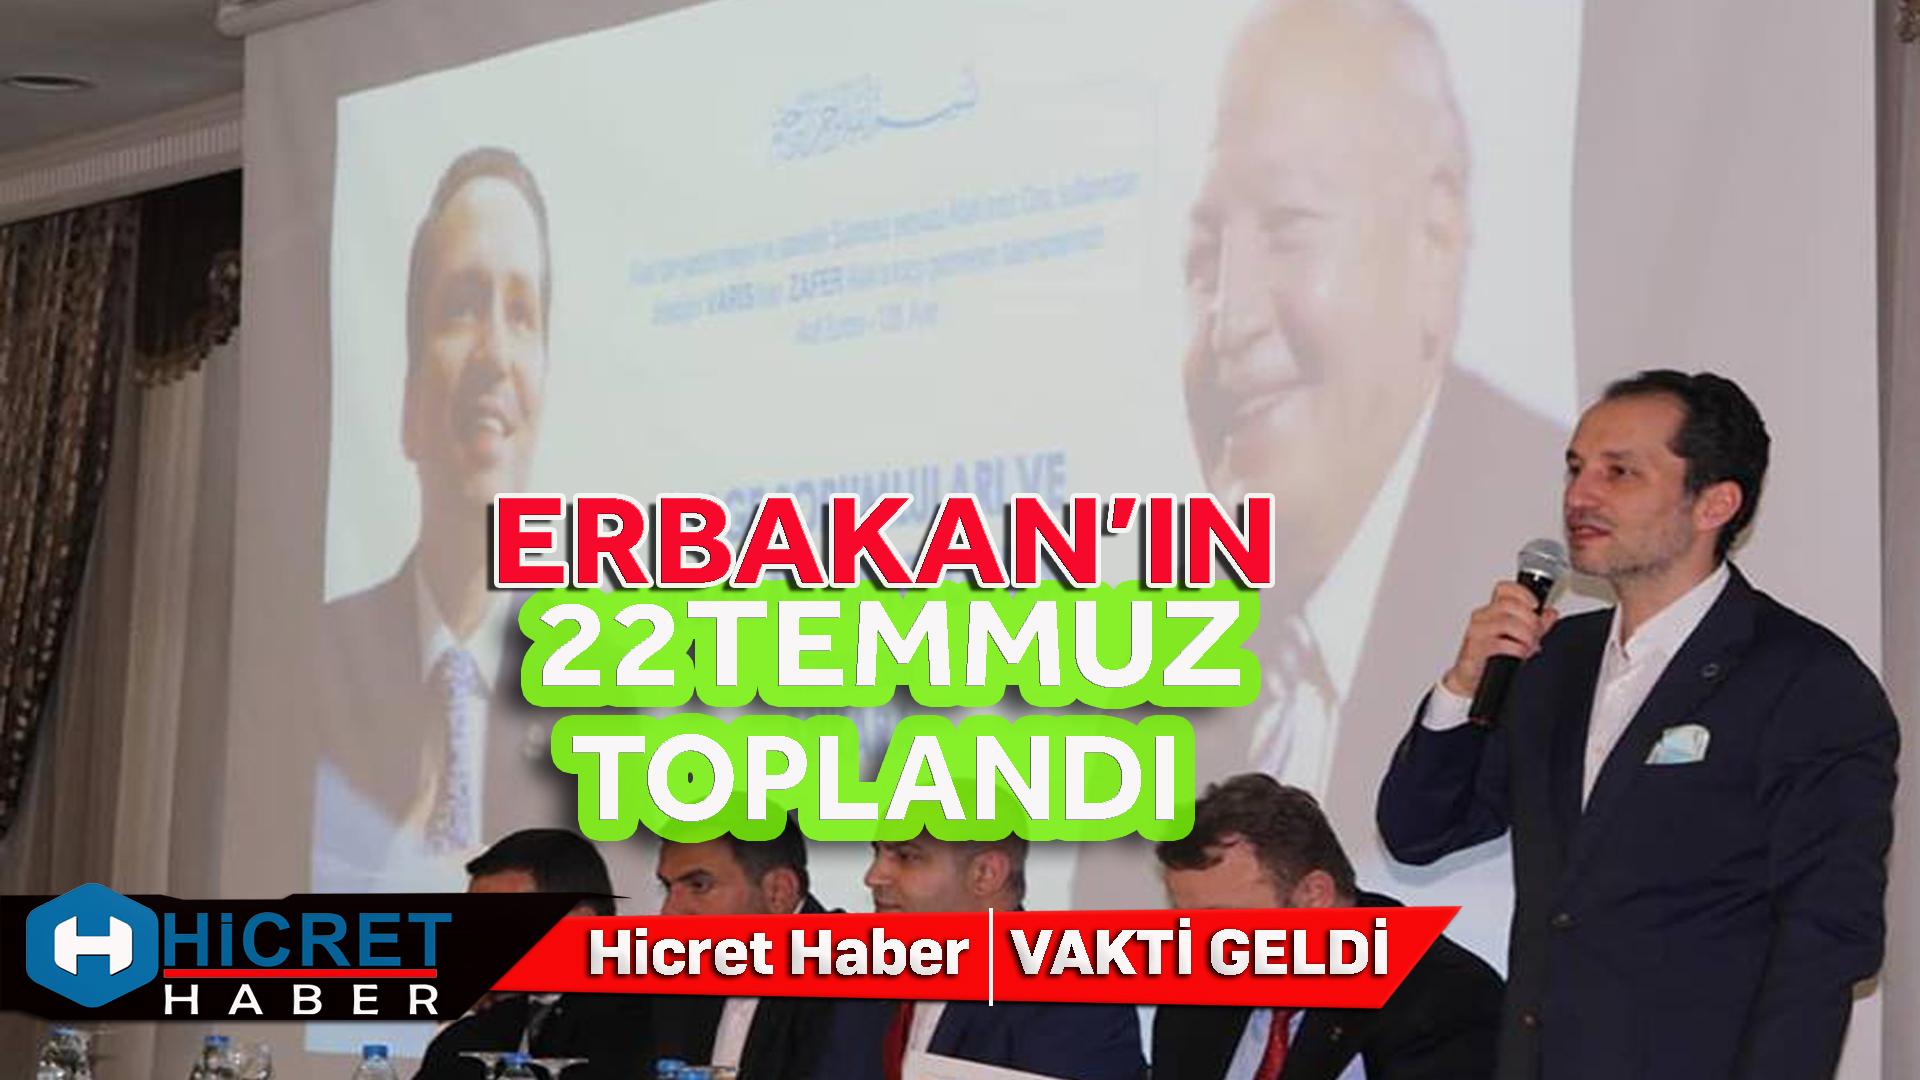 Erbakan Ankara'da 22 Temmuz İçin İstişare Yaptı